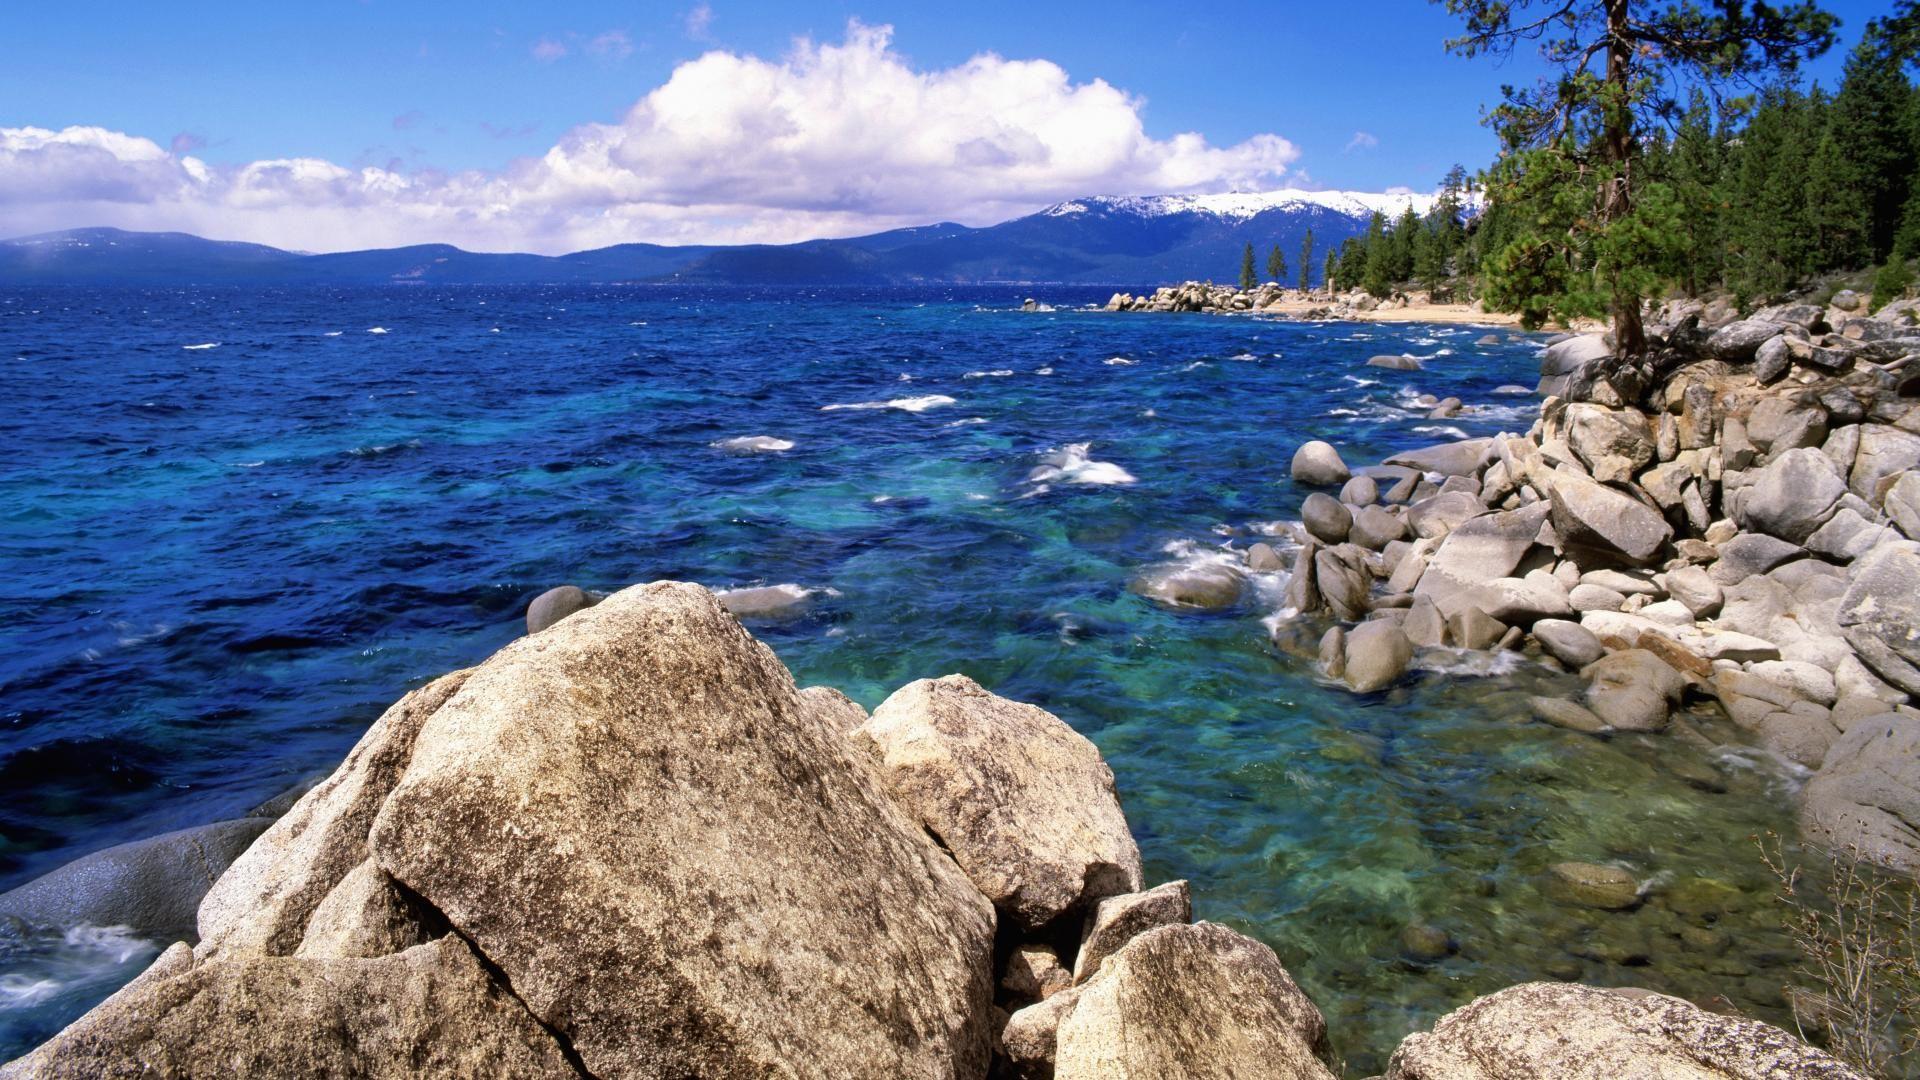 Lake Tahoe background